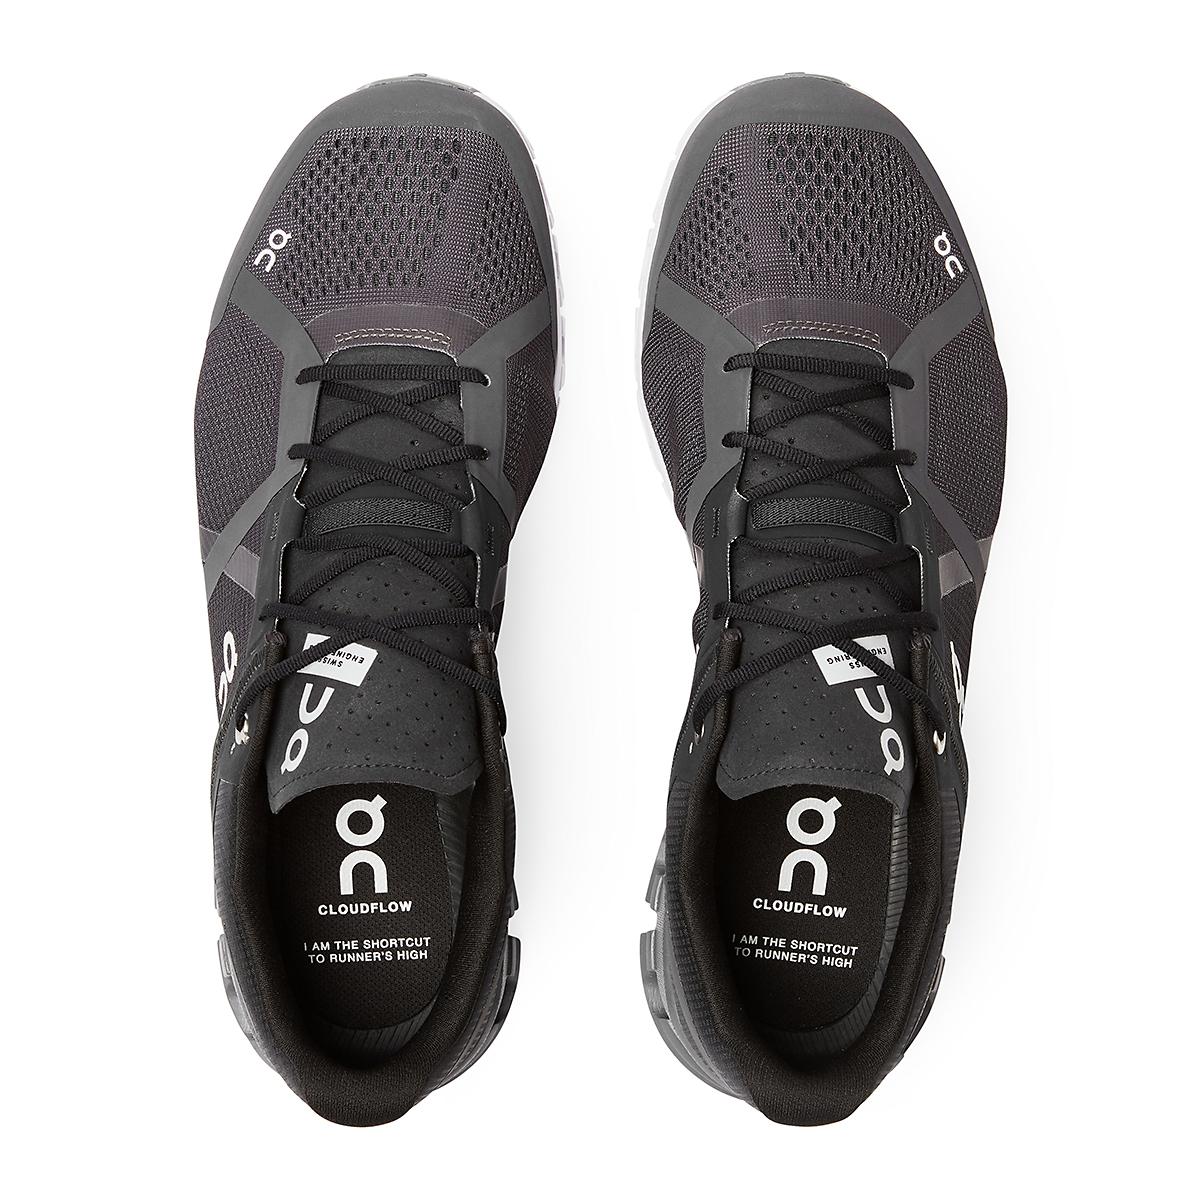 Men's On Cloudflow 2.0 Running Shoe - Color: Black/Asphalt - Size: 7 - Width: Regular, Black/Asphalt, large, image 3